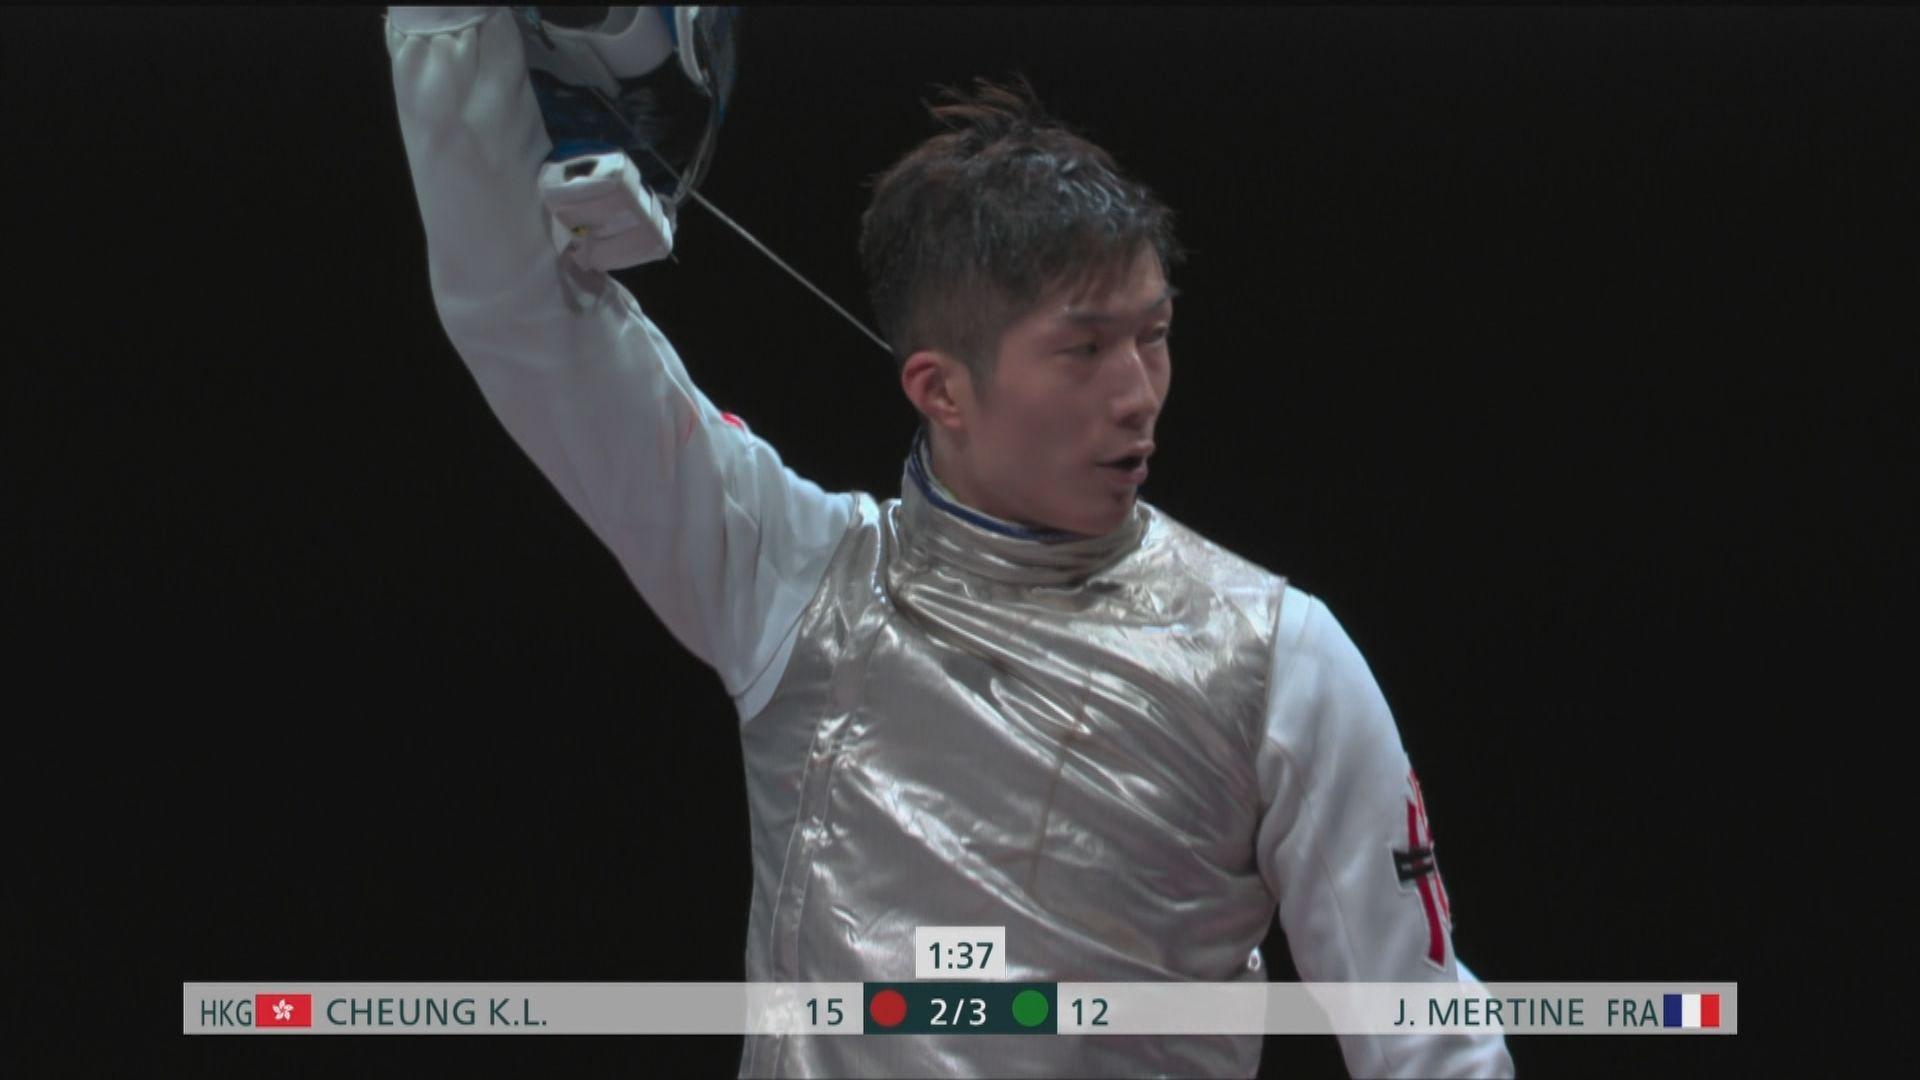 張家朗蔡俊彥男子花劍雙雙晉級16強